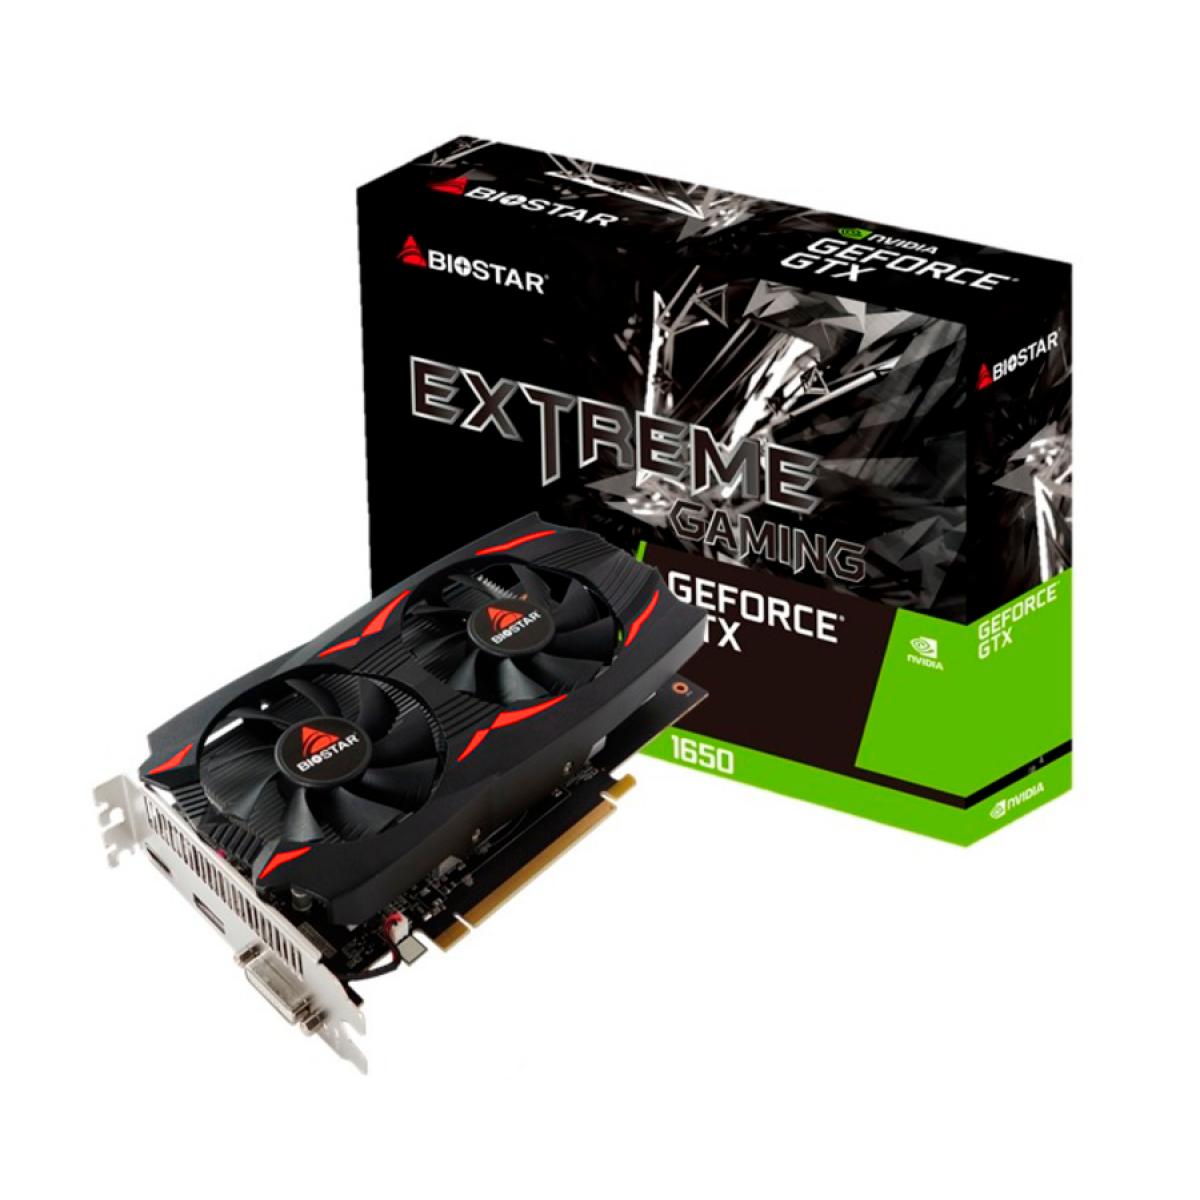 Placa de Vídeo Biostar, Geforce GTX 1650, 4GB, GDDR5, 128 Bit, VN1655XF41-TB1RH-BS2